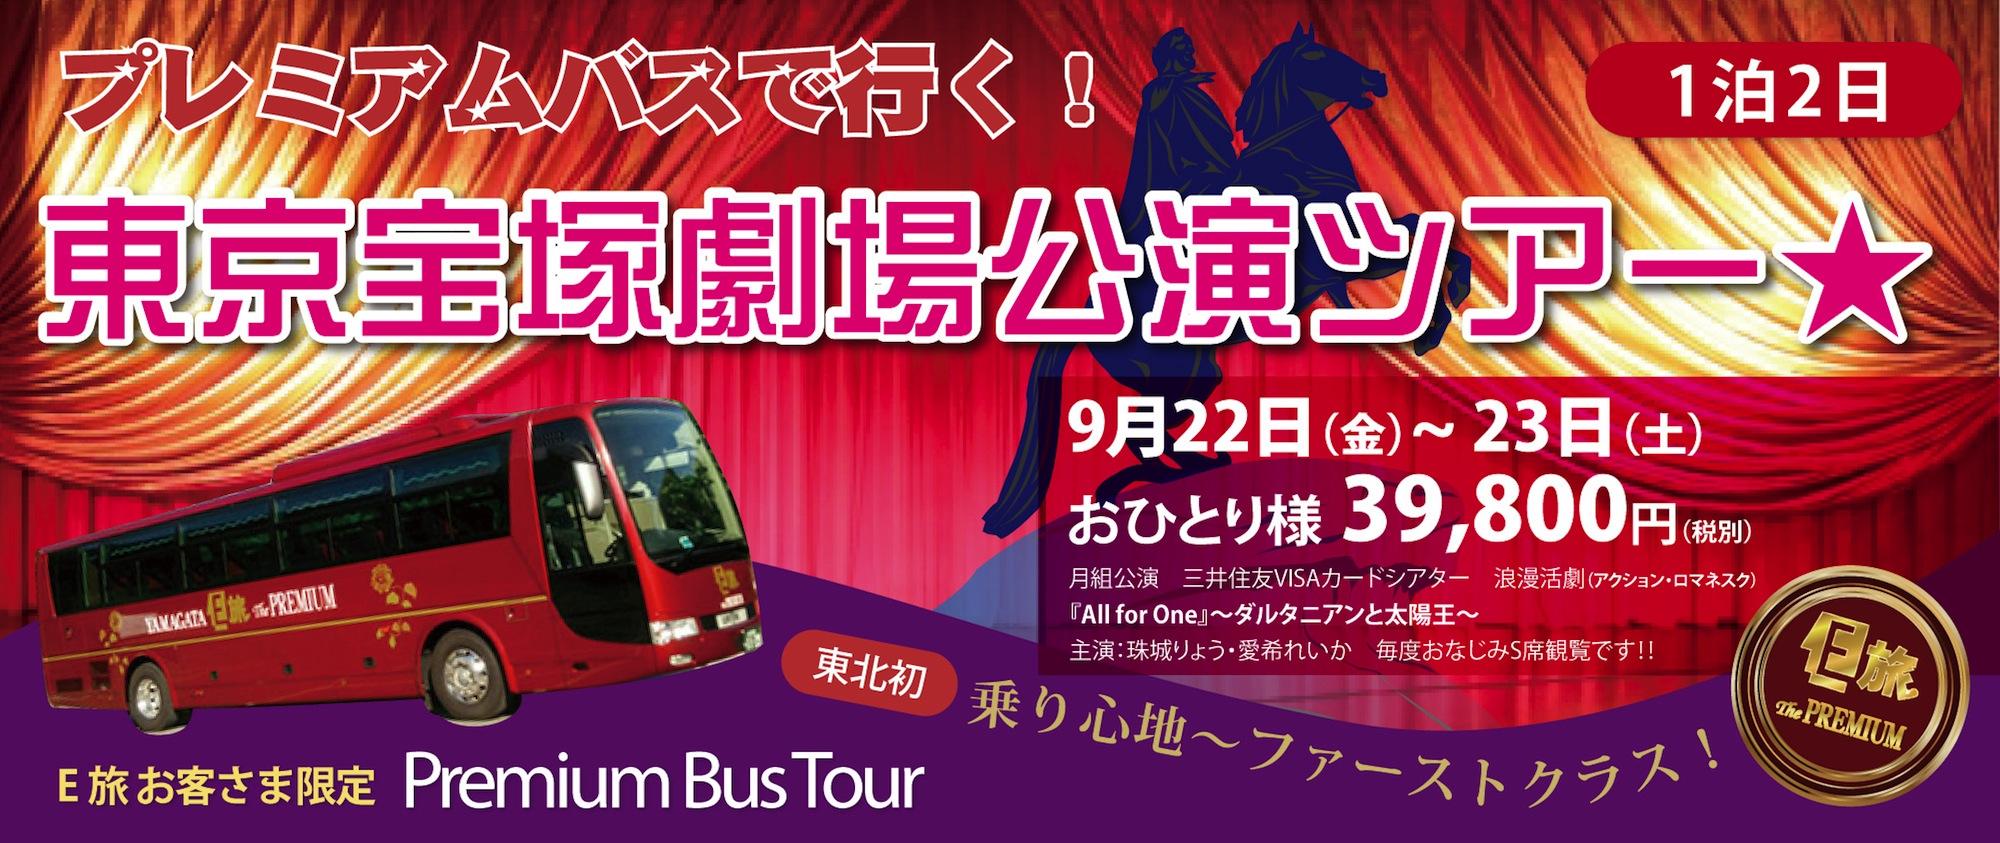 プレミアムバスで行く!東京宝塚劇場公演ツアー★9月22日(金)〜23日(土) 1泊2日